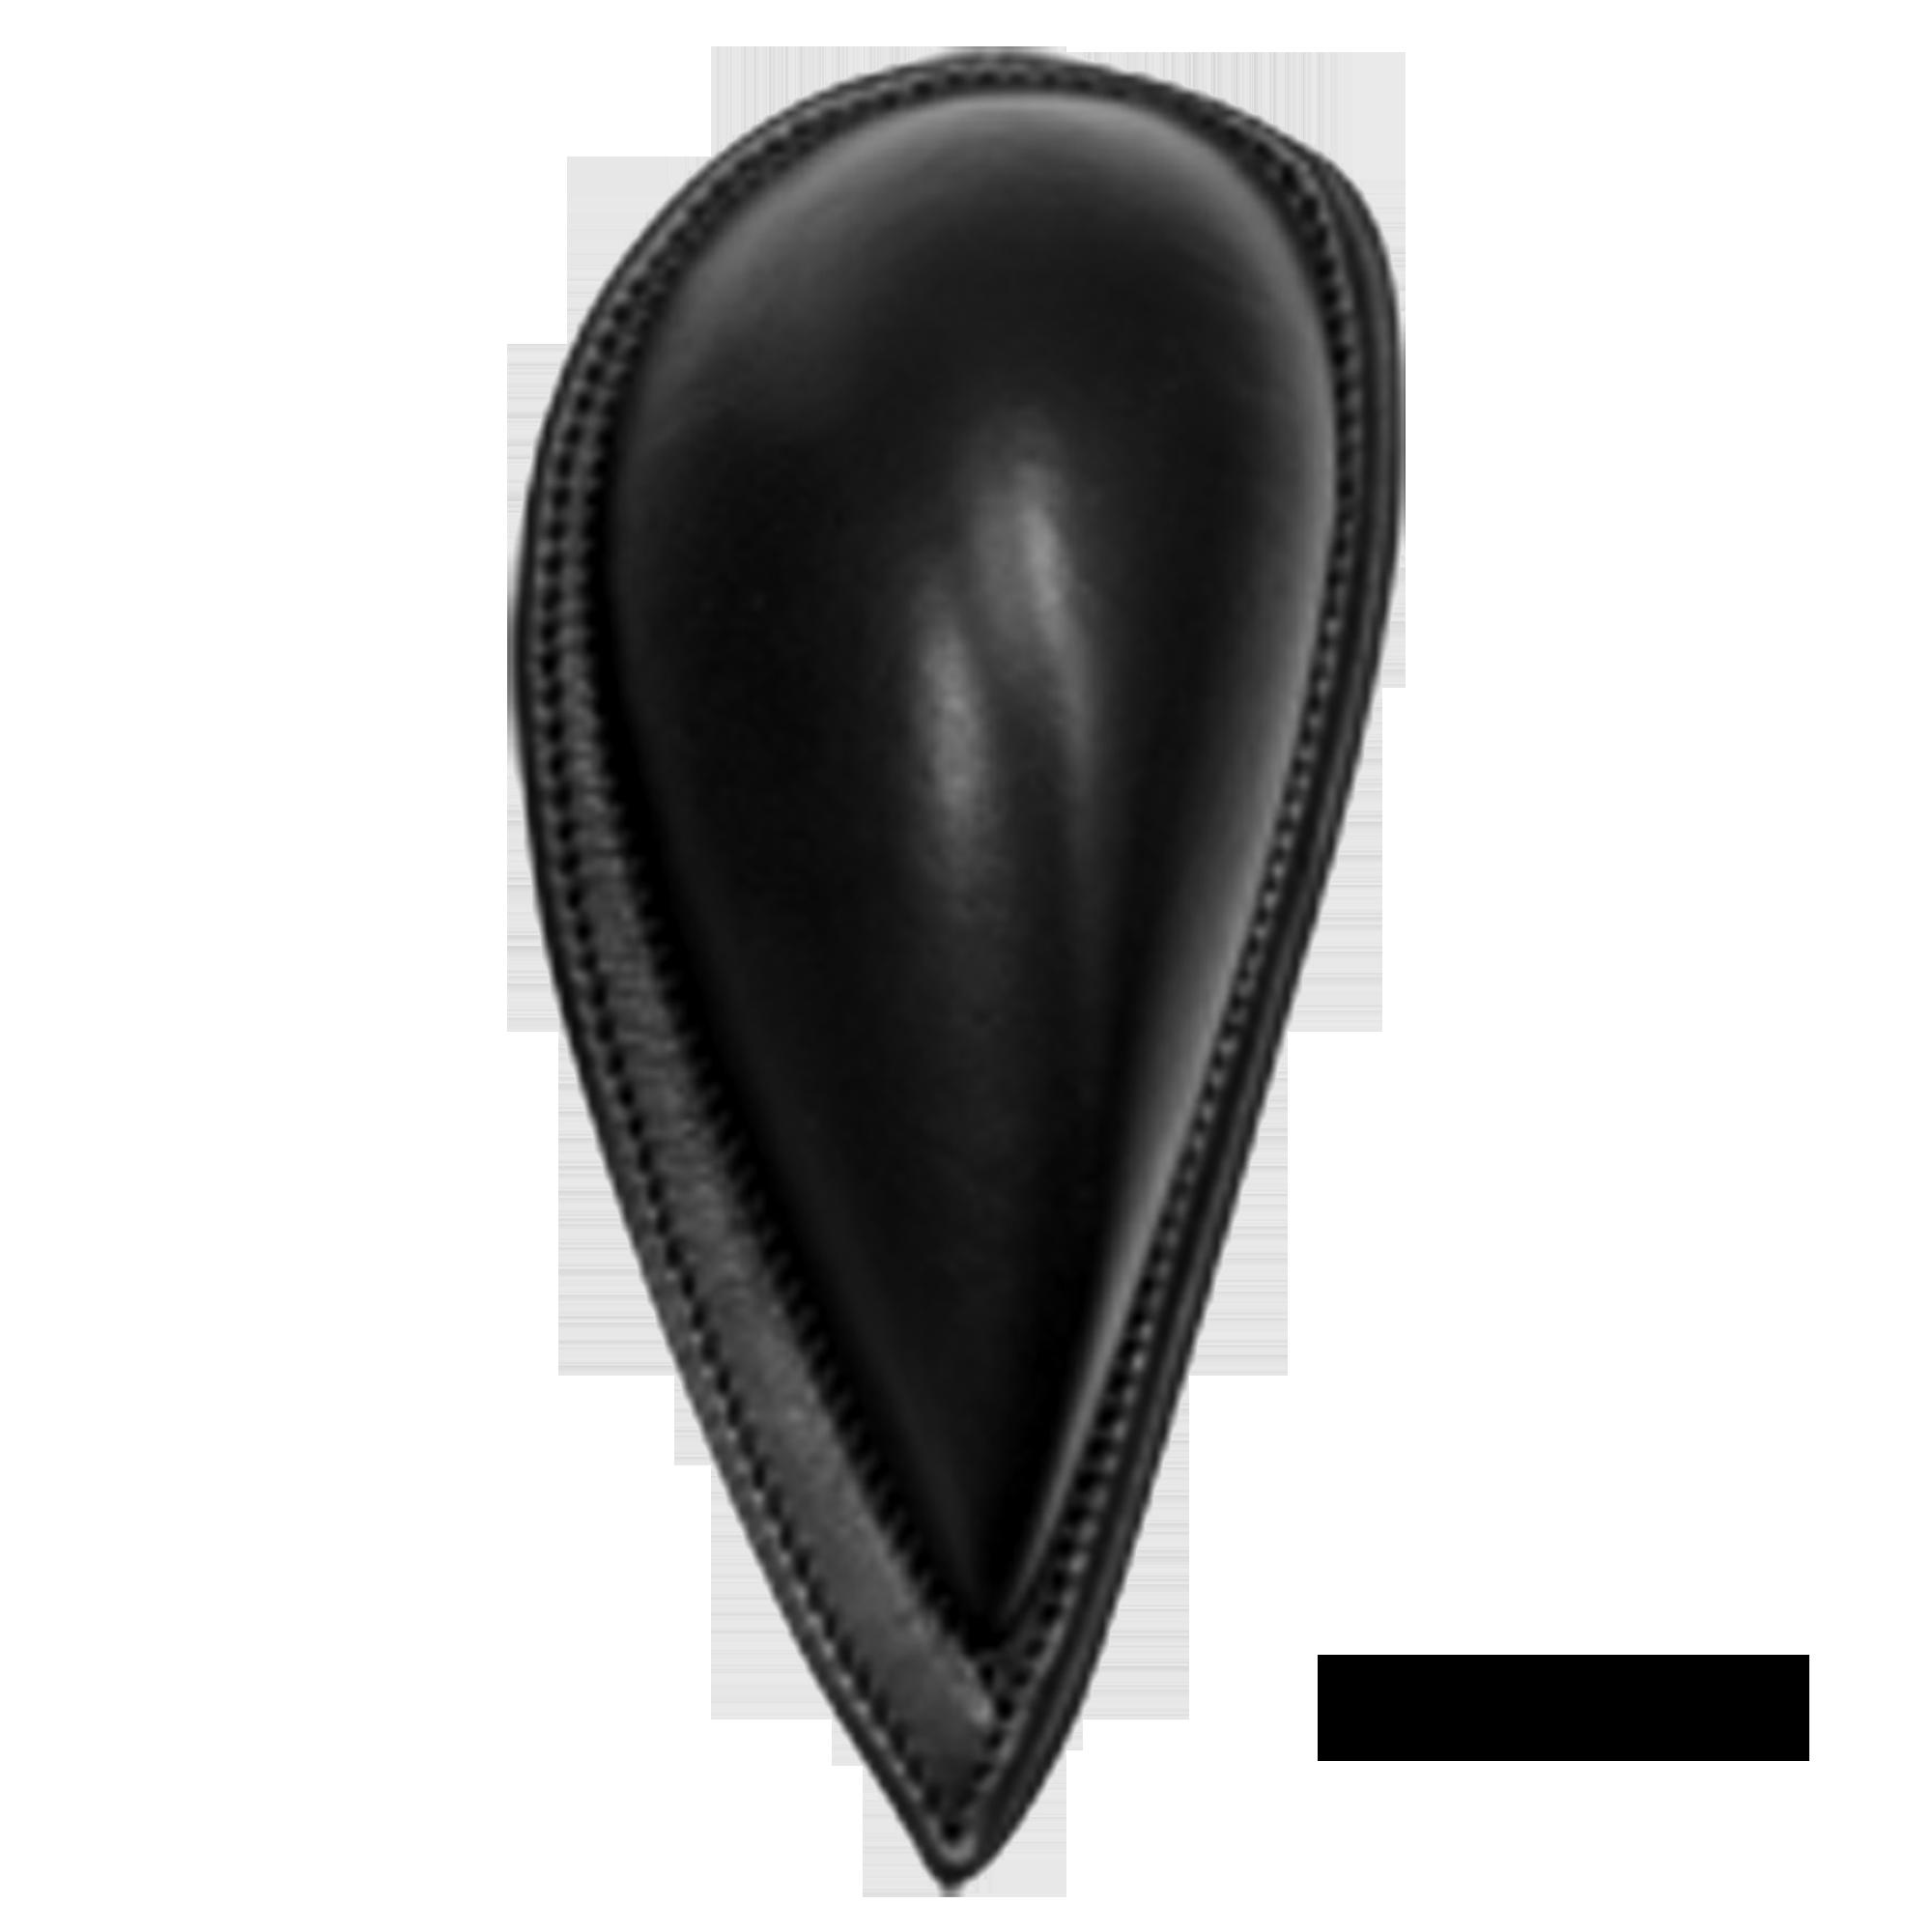 Thigh Rolls - Internal Tear Drop Style